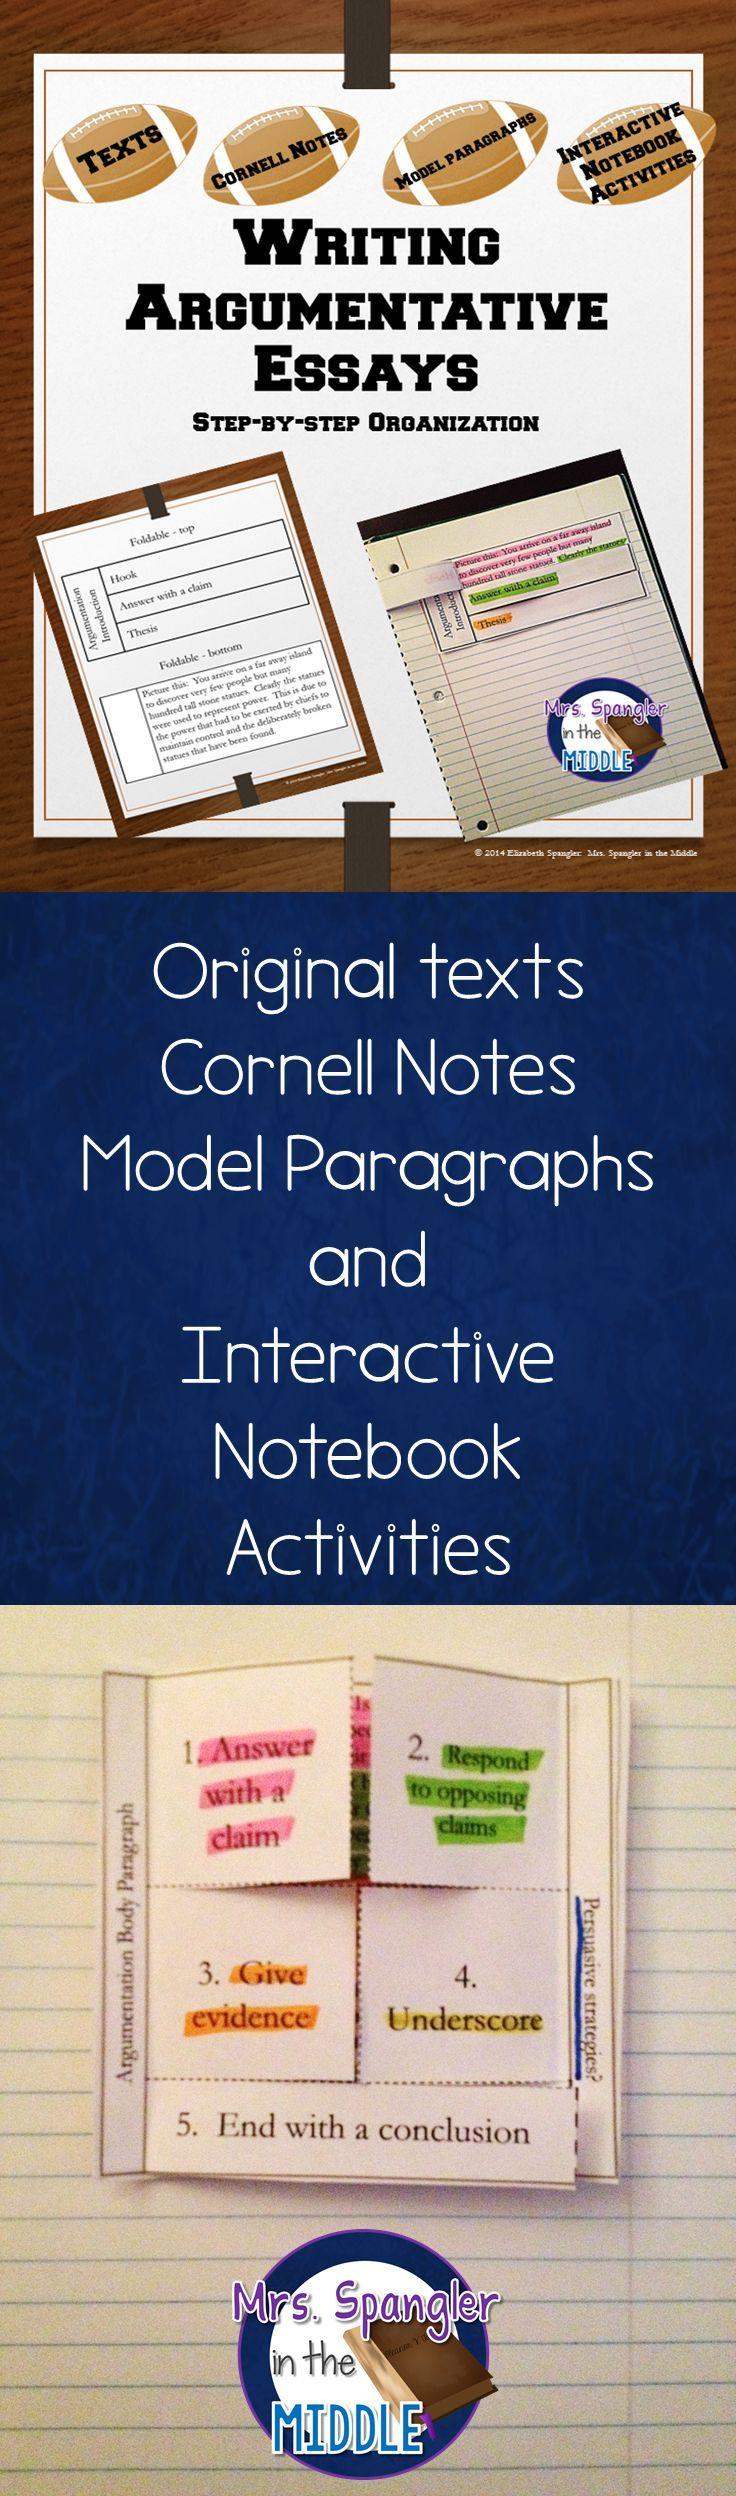 best argumentative essay ideas argumentative argument writing texts cornell notes inb activities argumentative writingpersuasive writingessay